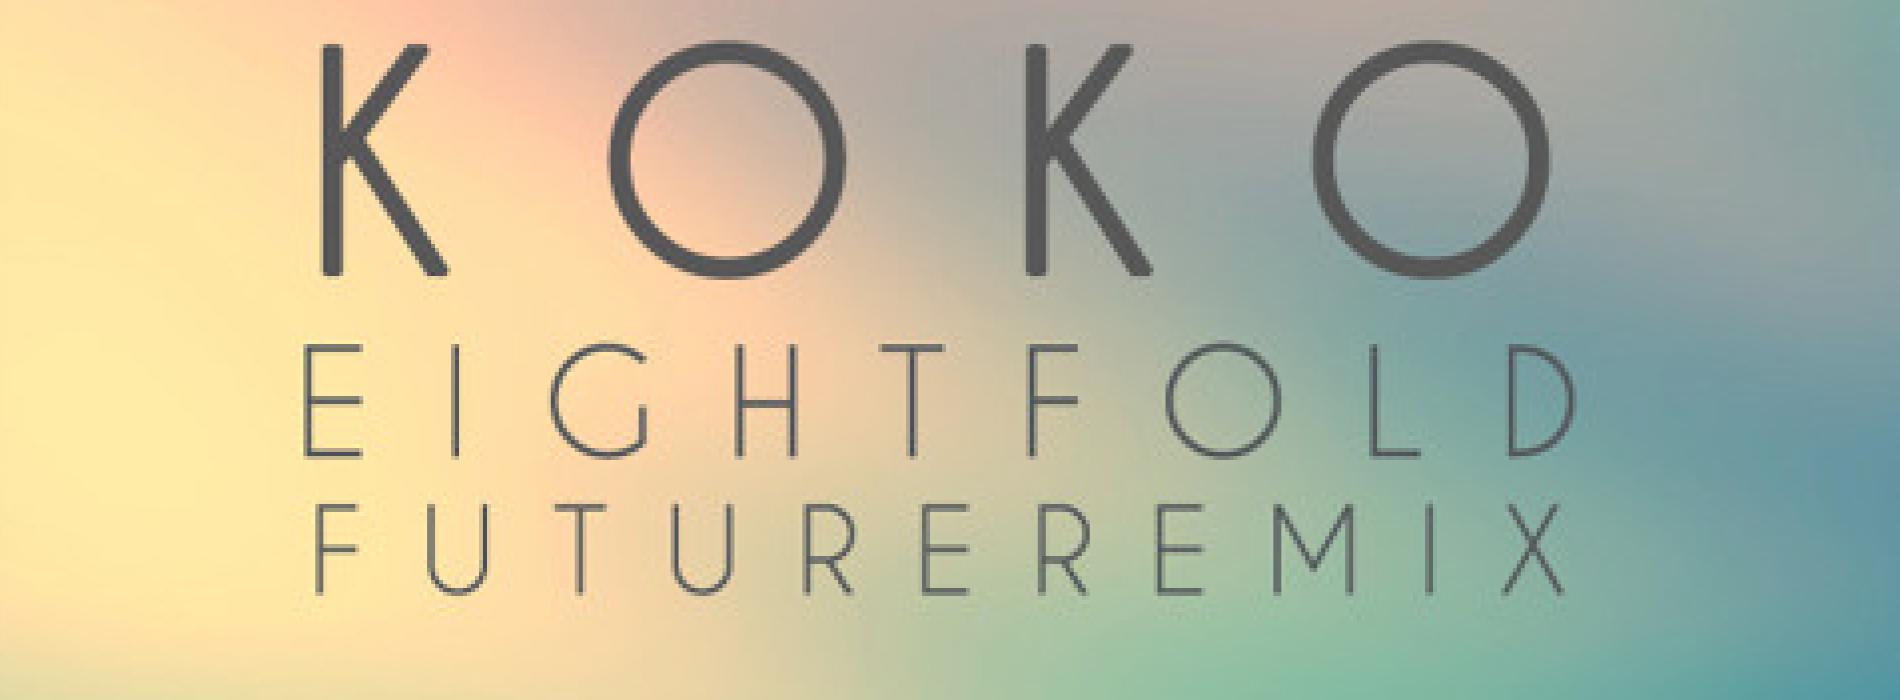 Eightfold – Sander Van Doorn: Koko (Eightfold 'Future House' Remix)